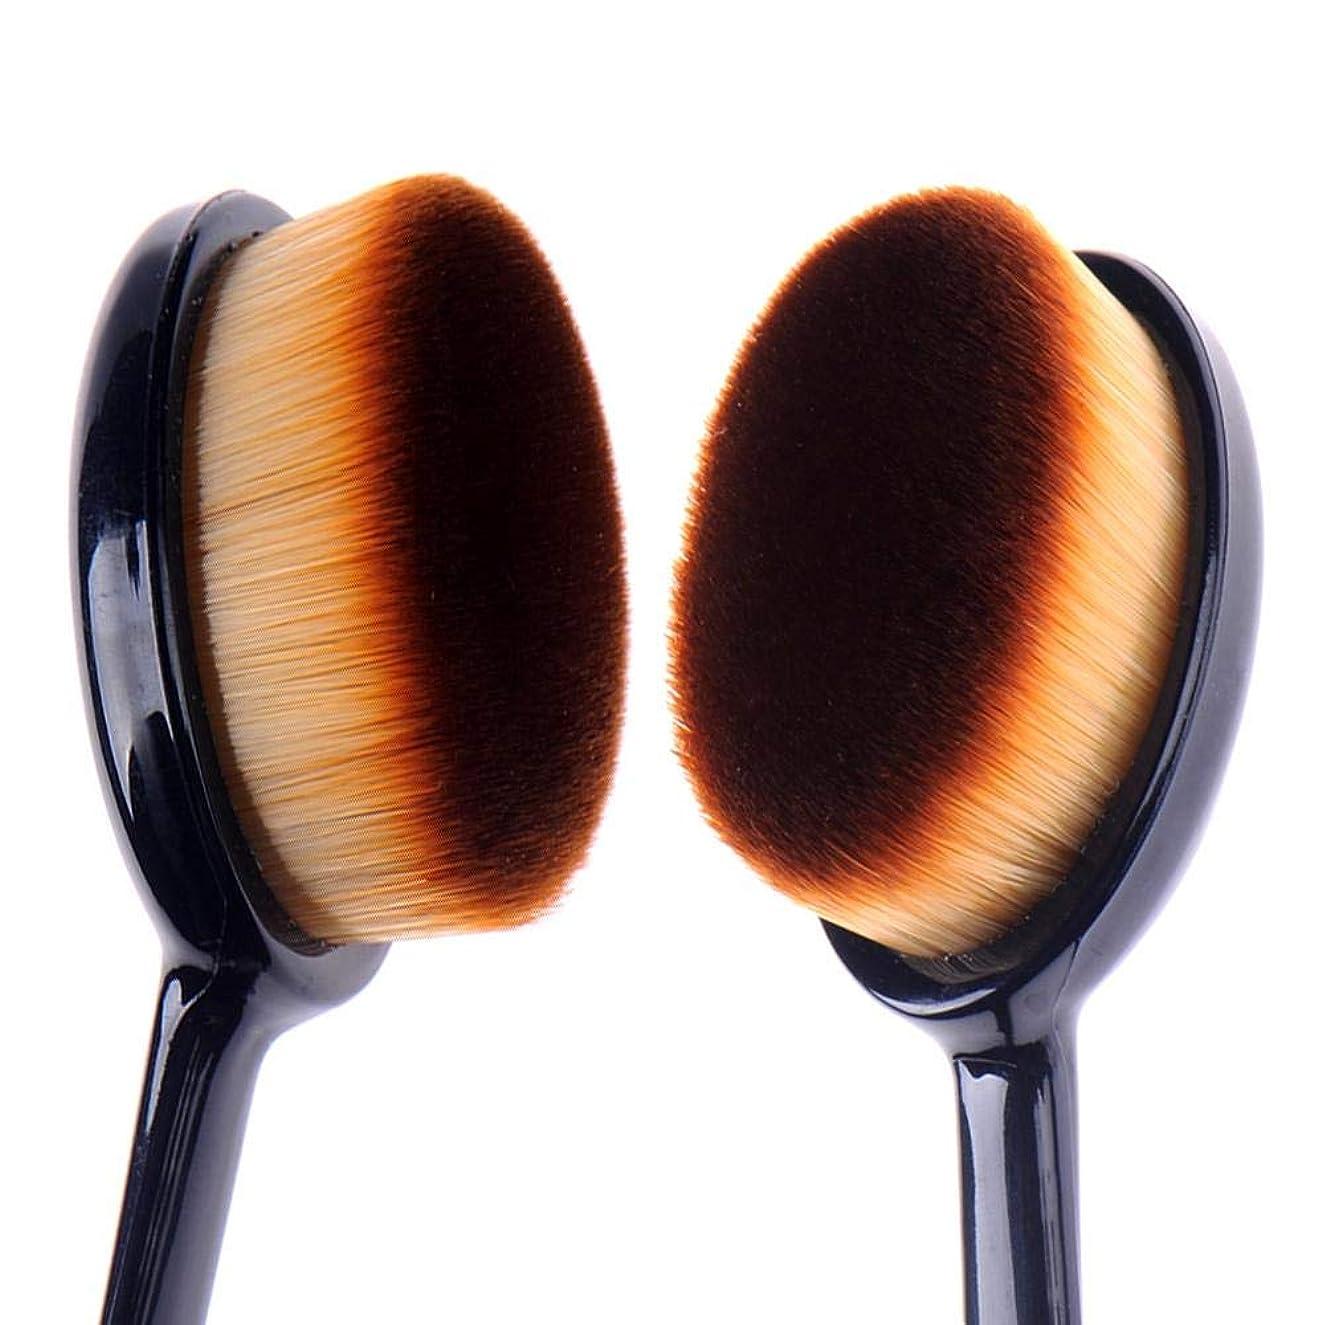 整然とした保証フェデレーションSILUN 歯ブラシ型 ファンデーションブラシ 専用キャップ付き メイクブラシ メイクアップブラシ コスメ 化粧 ファンデーションブラシ